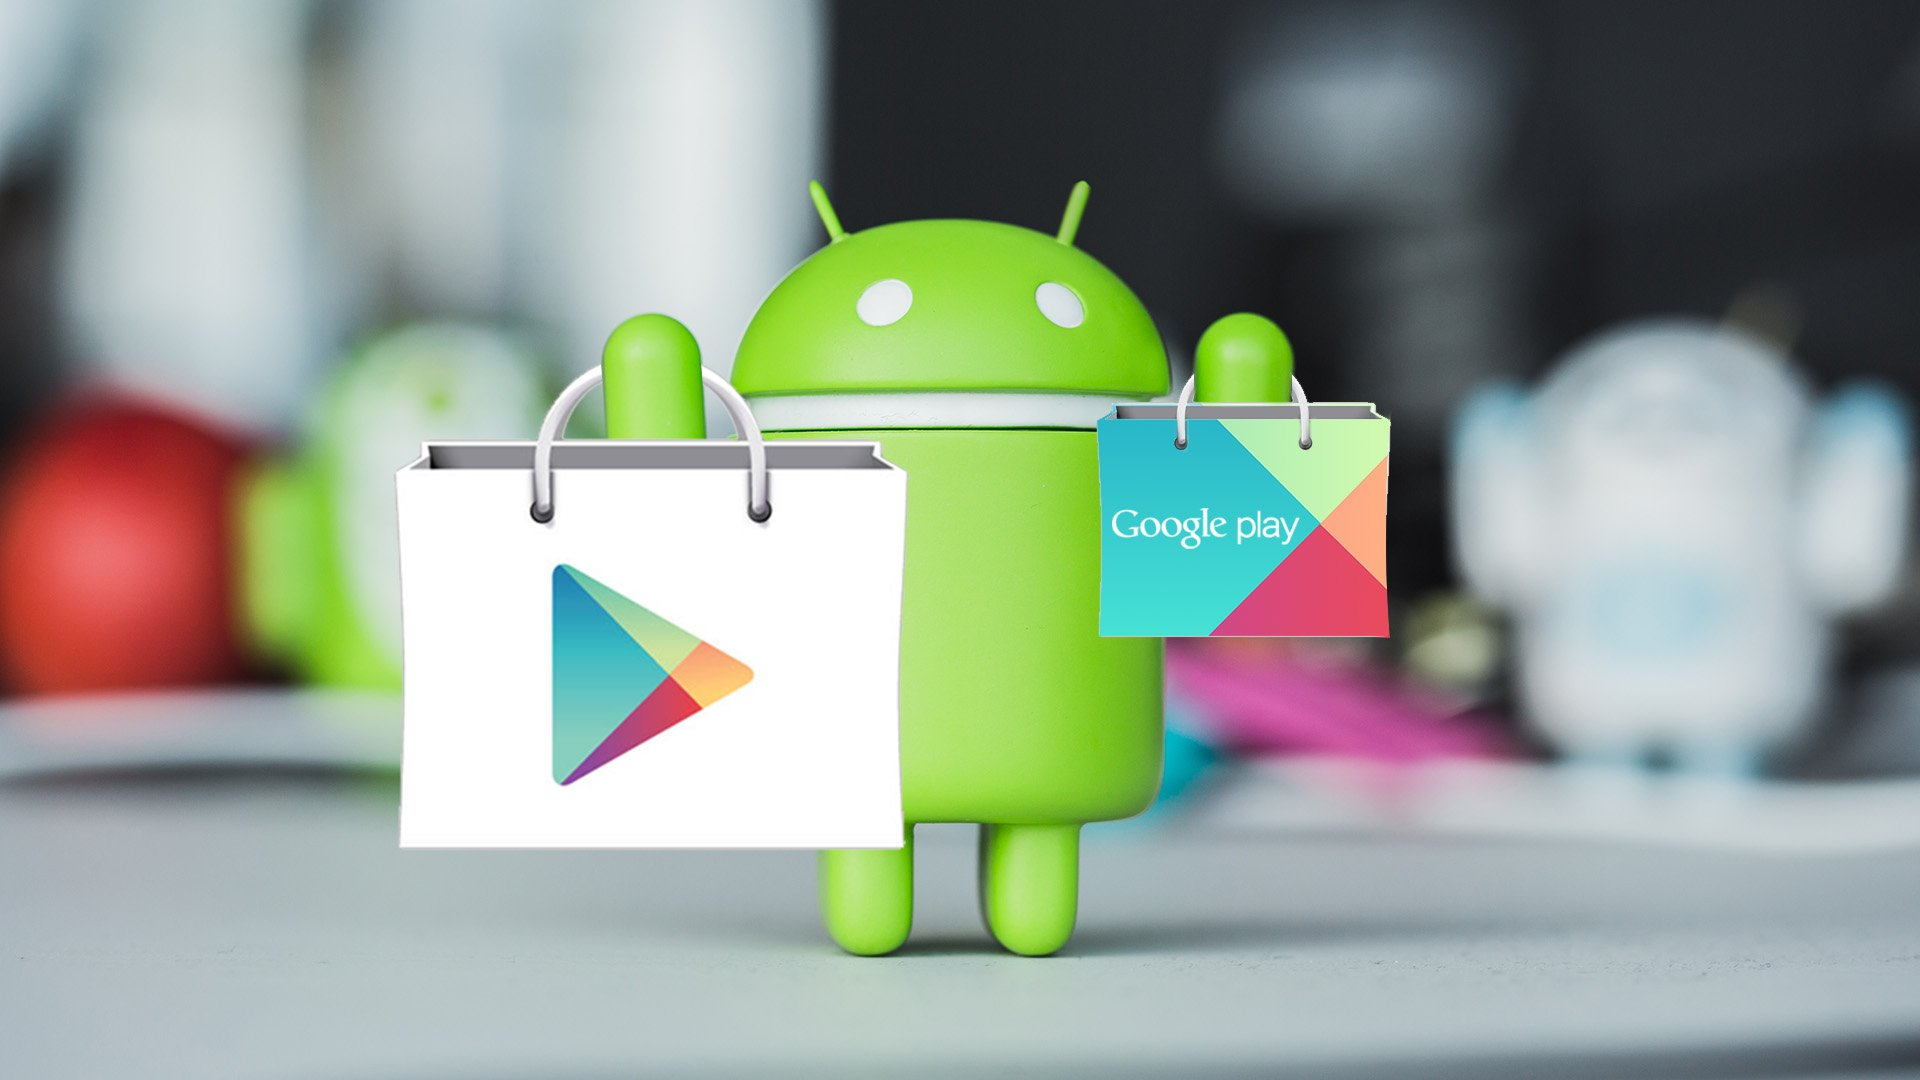 Скачать приложение можно с Google Play